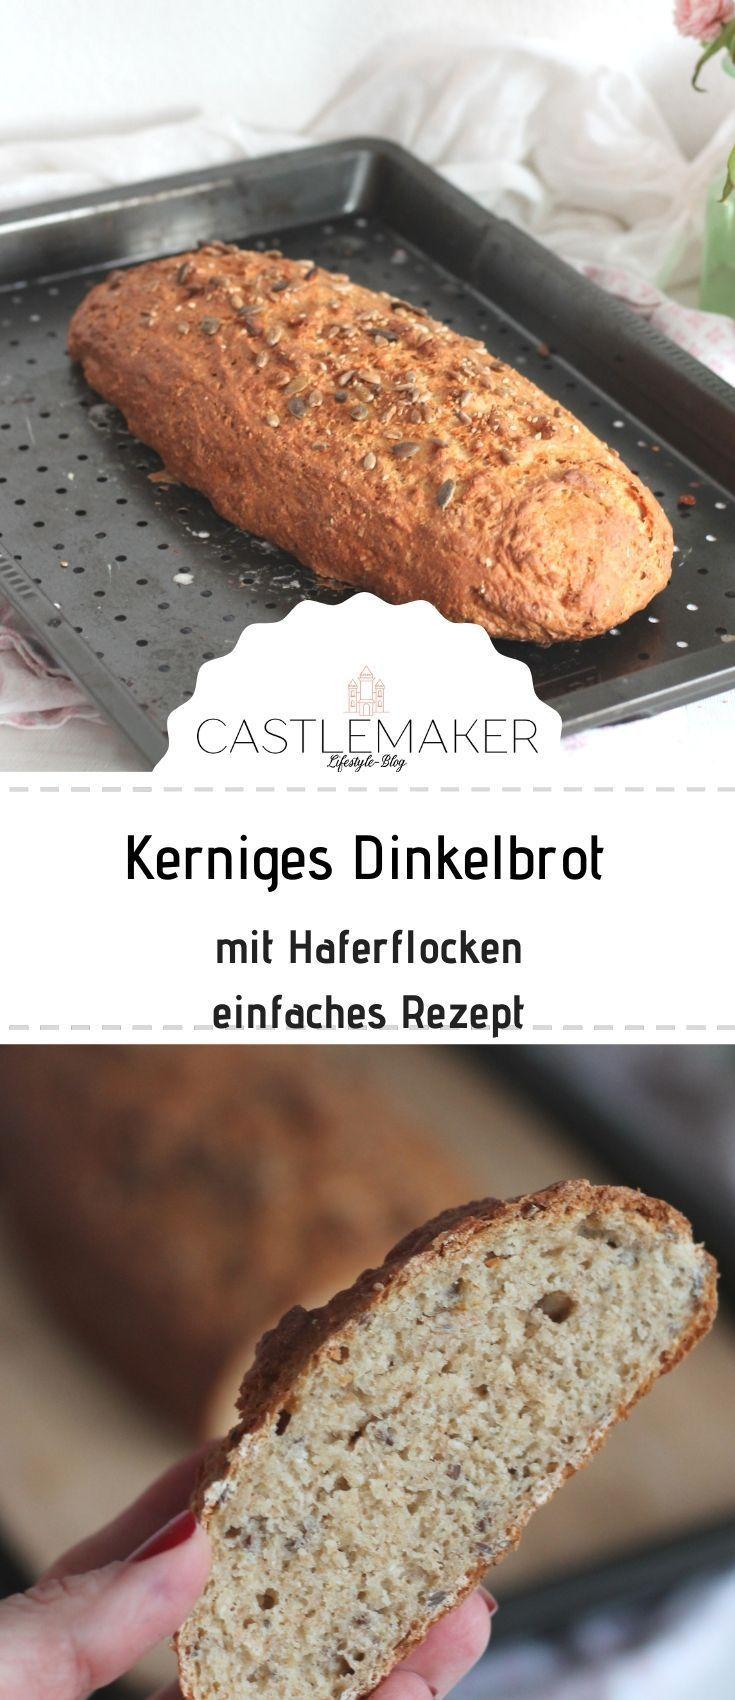 Kerniges Dinkelbrot mit Haferflocken - einfaches Brotrezept « CASTLEMAKER Lifestyle Blog